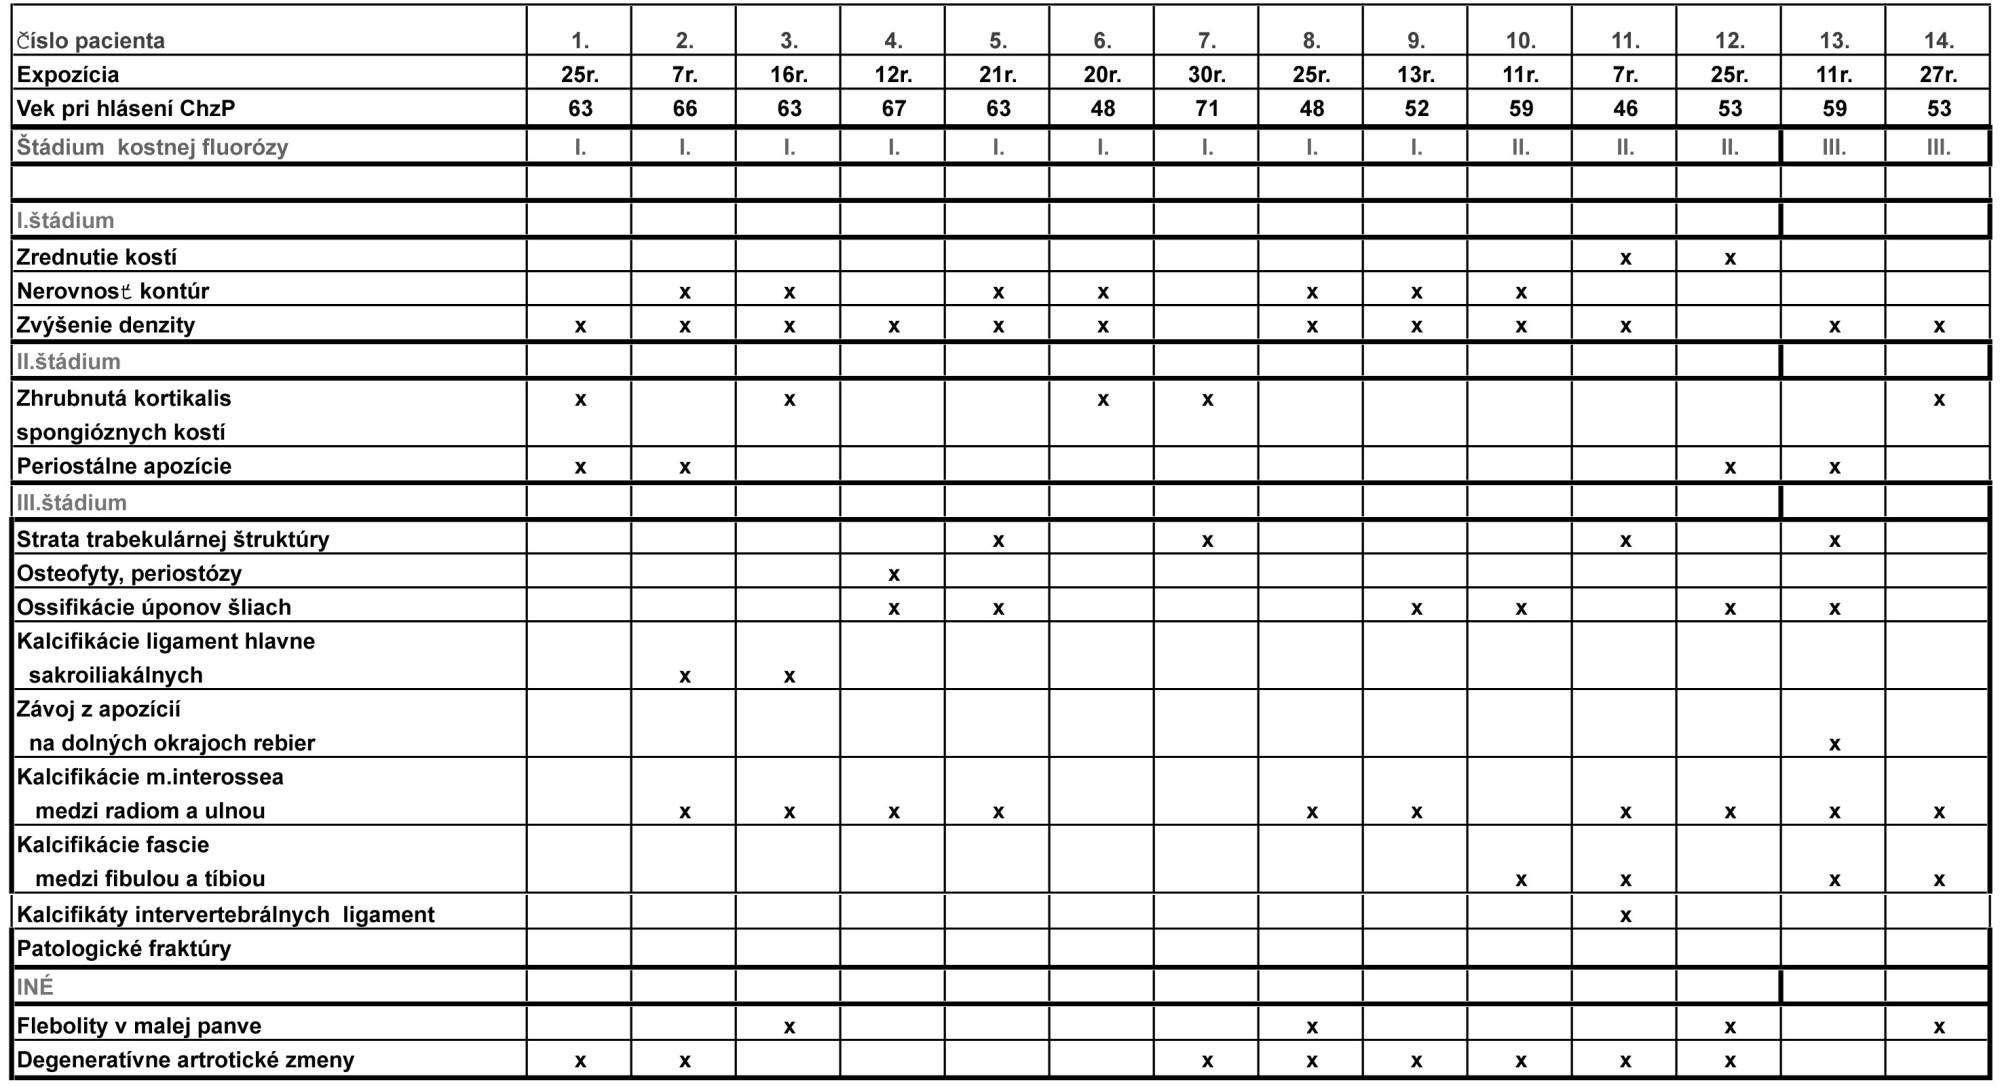 Prehľad rtg zmien skeletu v skupine pacientov s dg. profesionálna kostná fluoróza (štádia, podľa klasifikácie Hagena a Grinsberga)